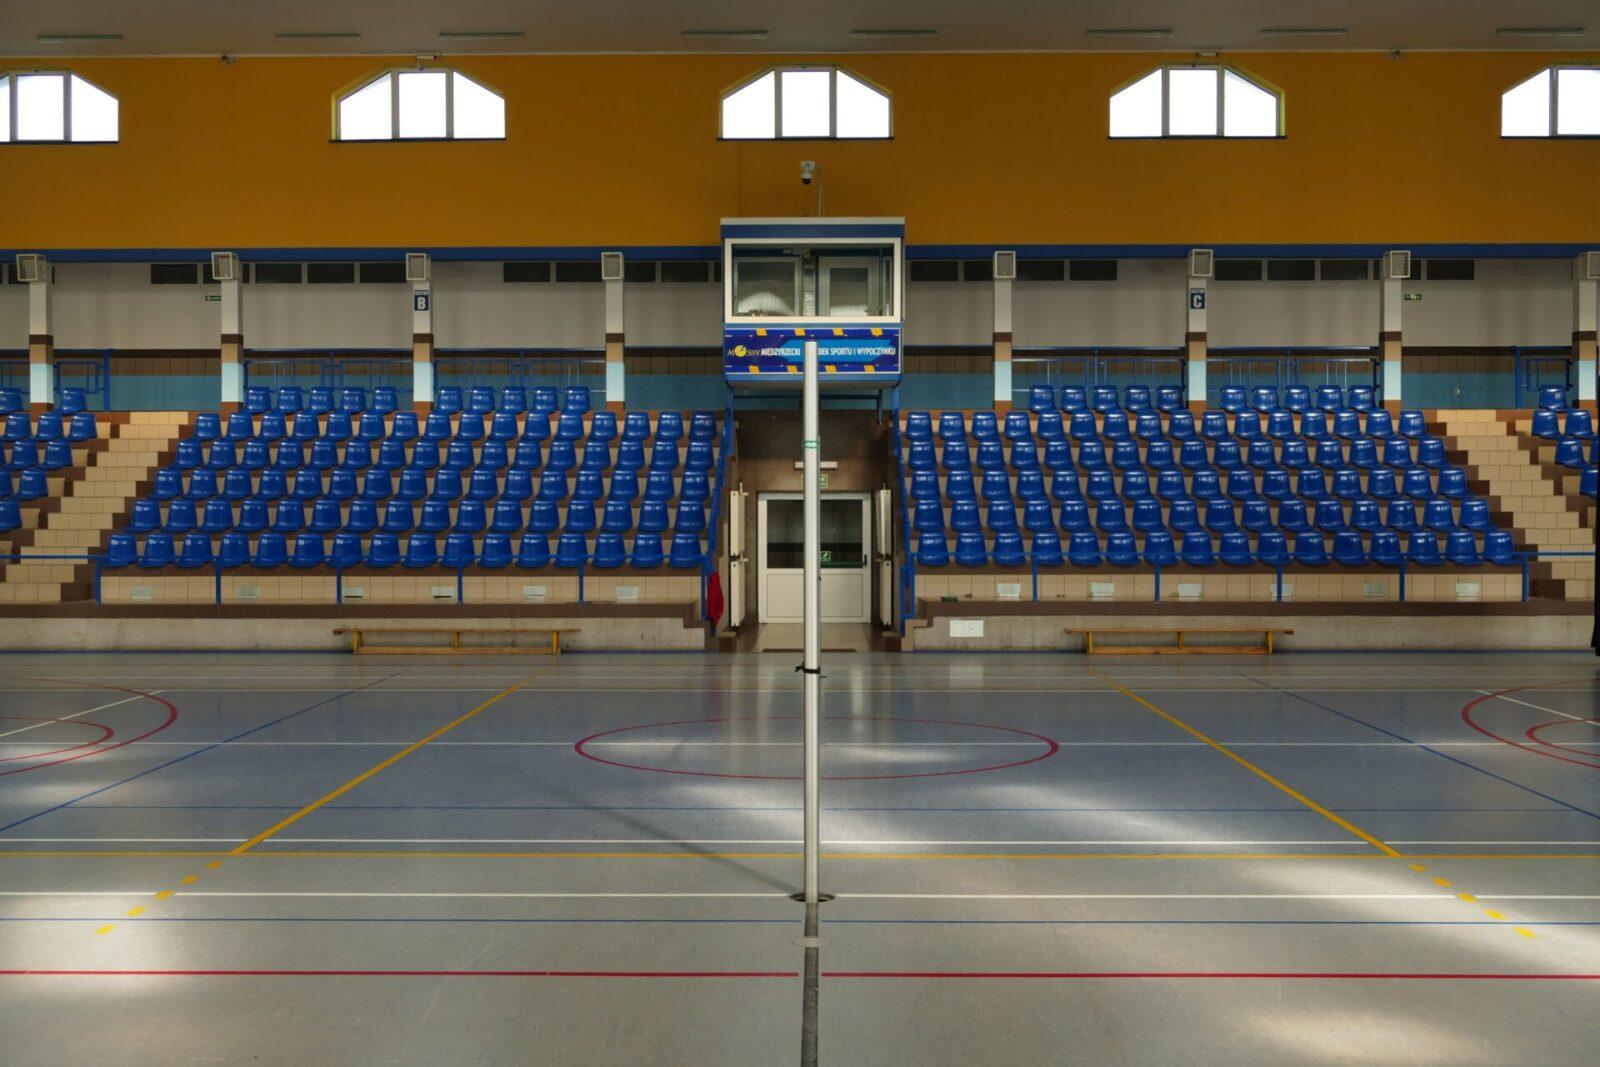 Hala Sportowa w Międzyrzeczu. Widok na trybuny.